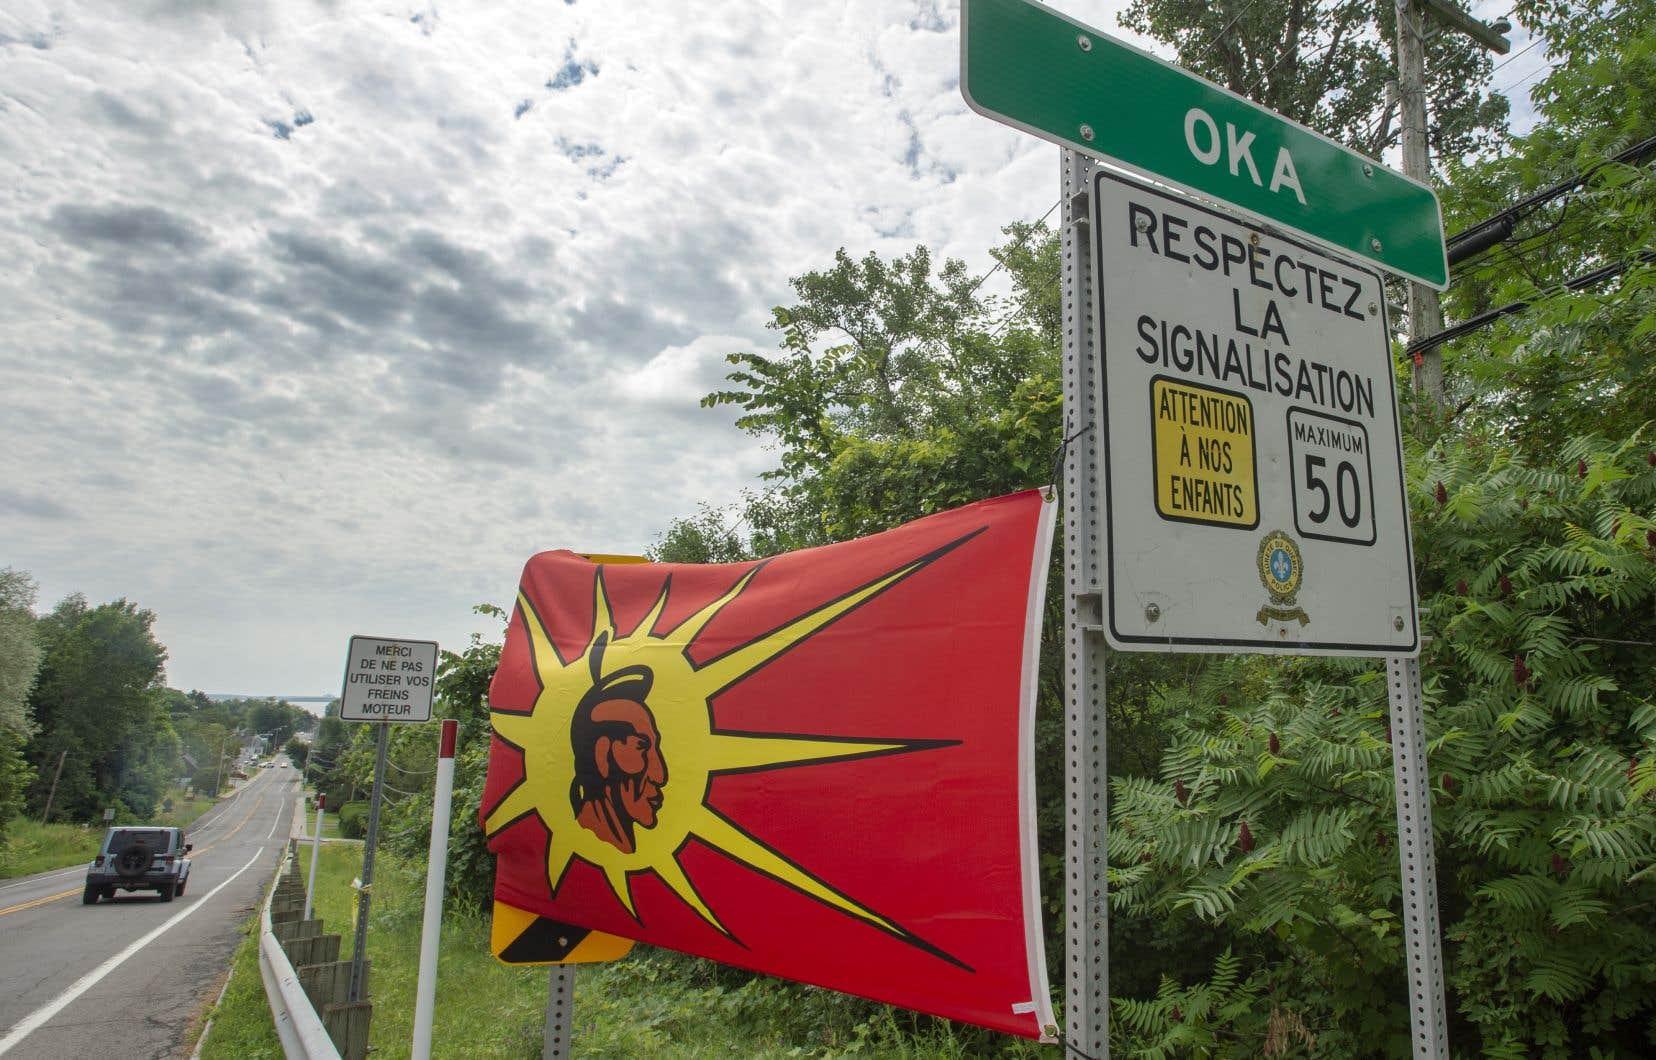 M.Gollin, lepropriétaire des terres au coeur des tensions, juge qu'Ottawa devrait intervenir en rachetant ses terrains pour les restituer aux mohawks.